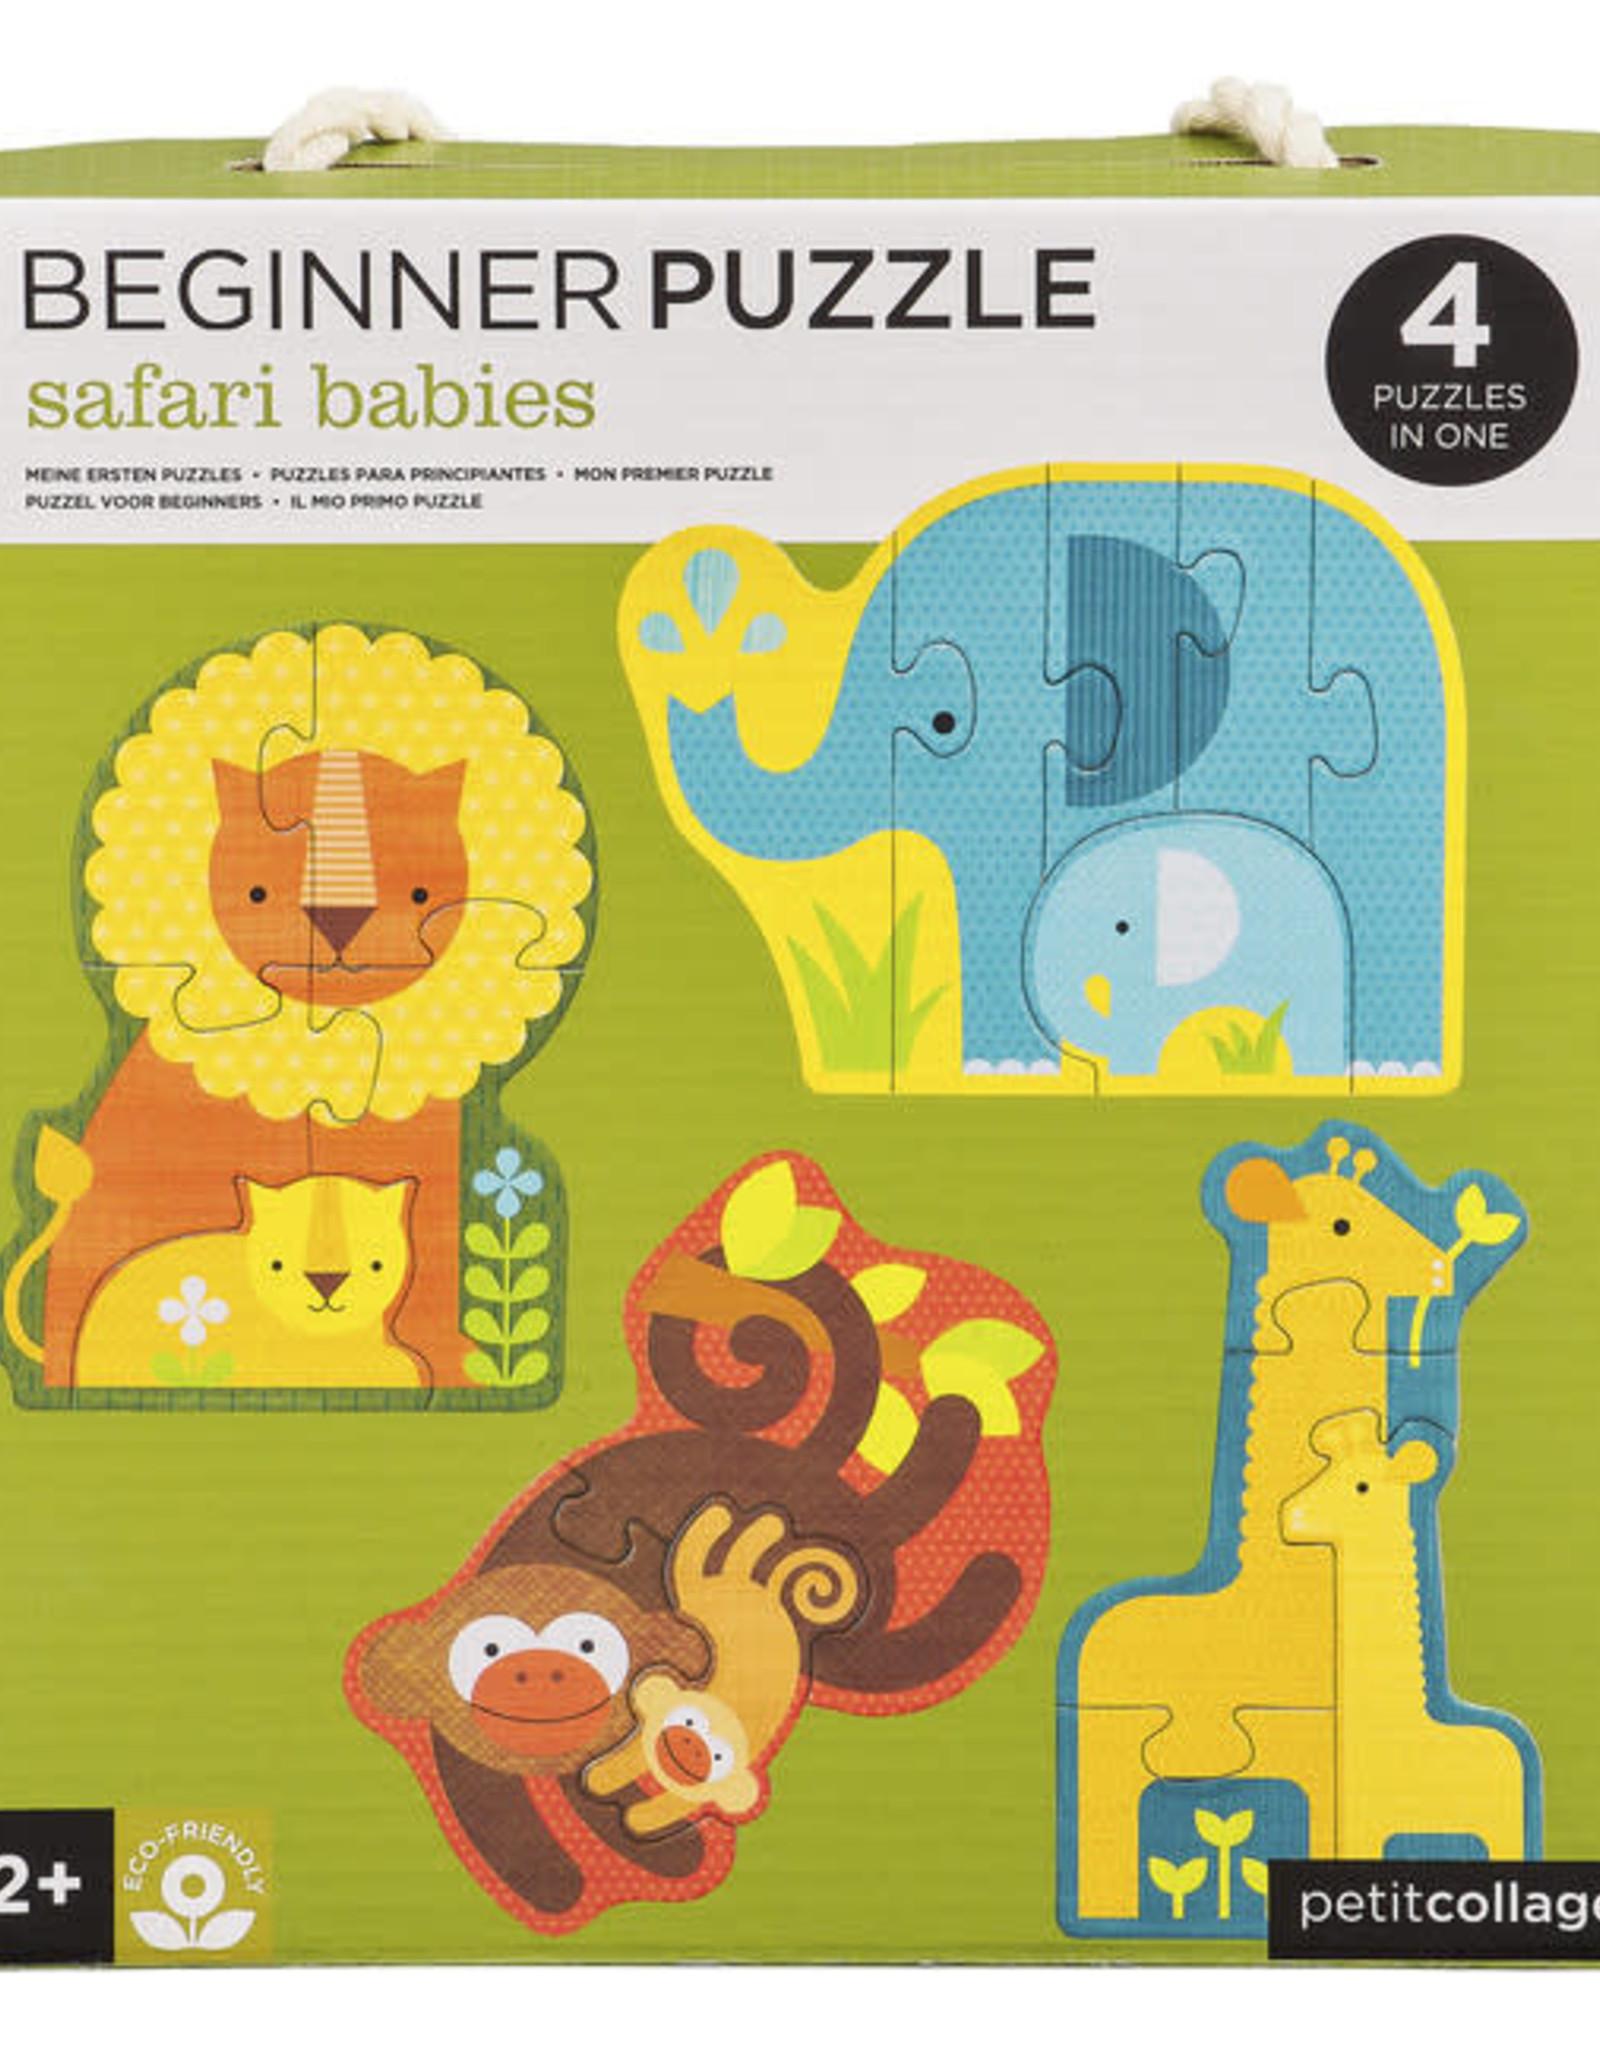 Safari Babies Beginner Puzzle